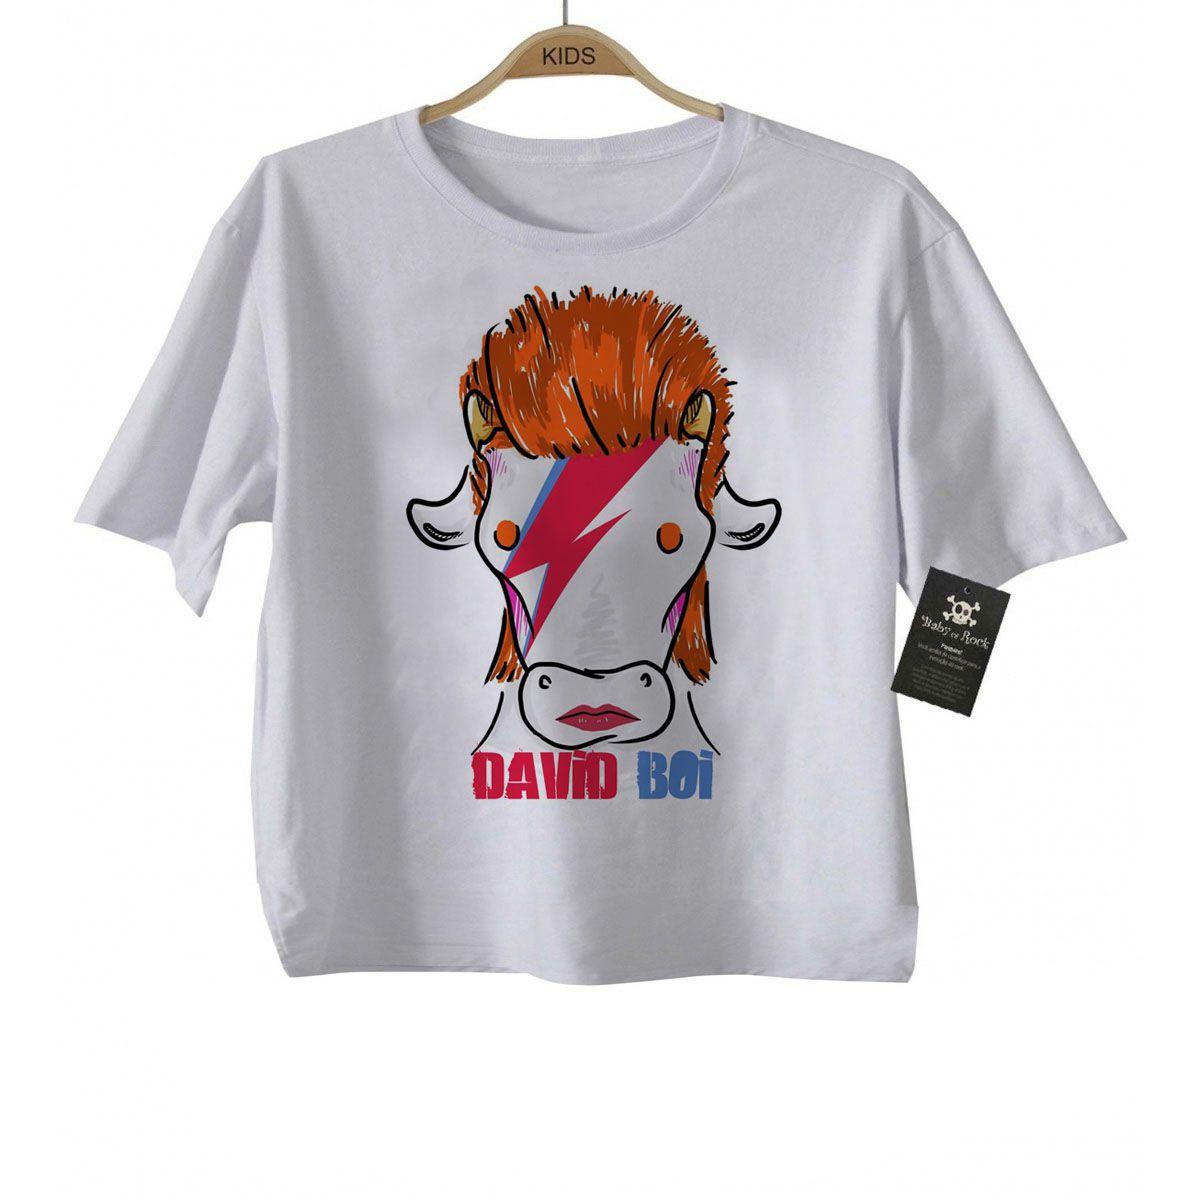 Camiseta Infnatil David BOI - Arte Bovina  Rock n Roll- White  - Baby Monster S/A